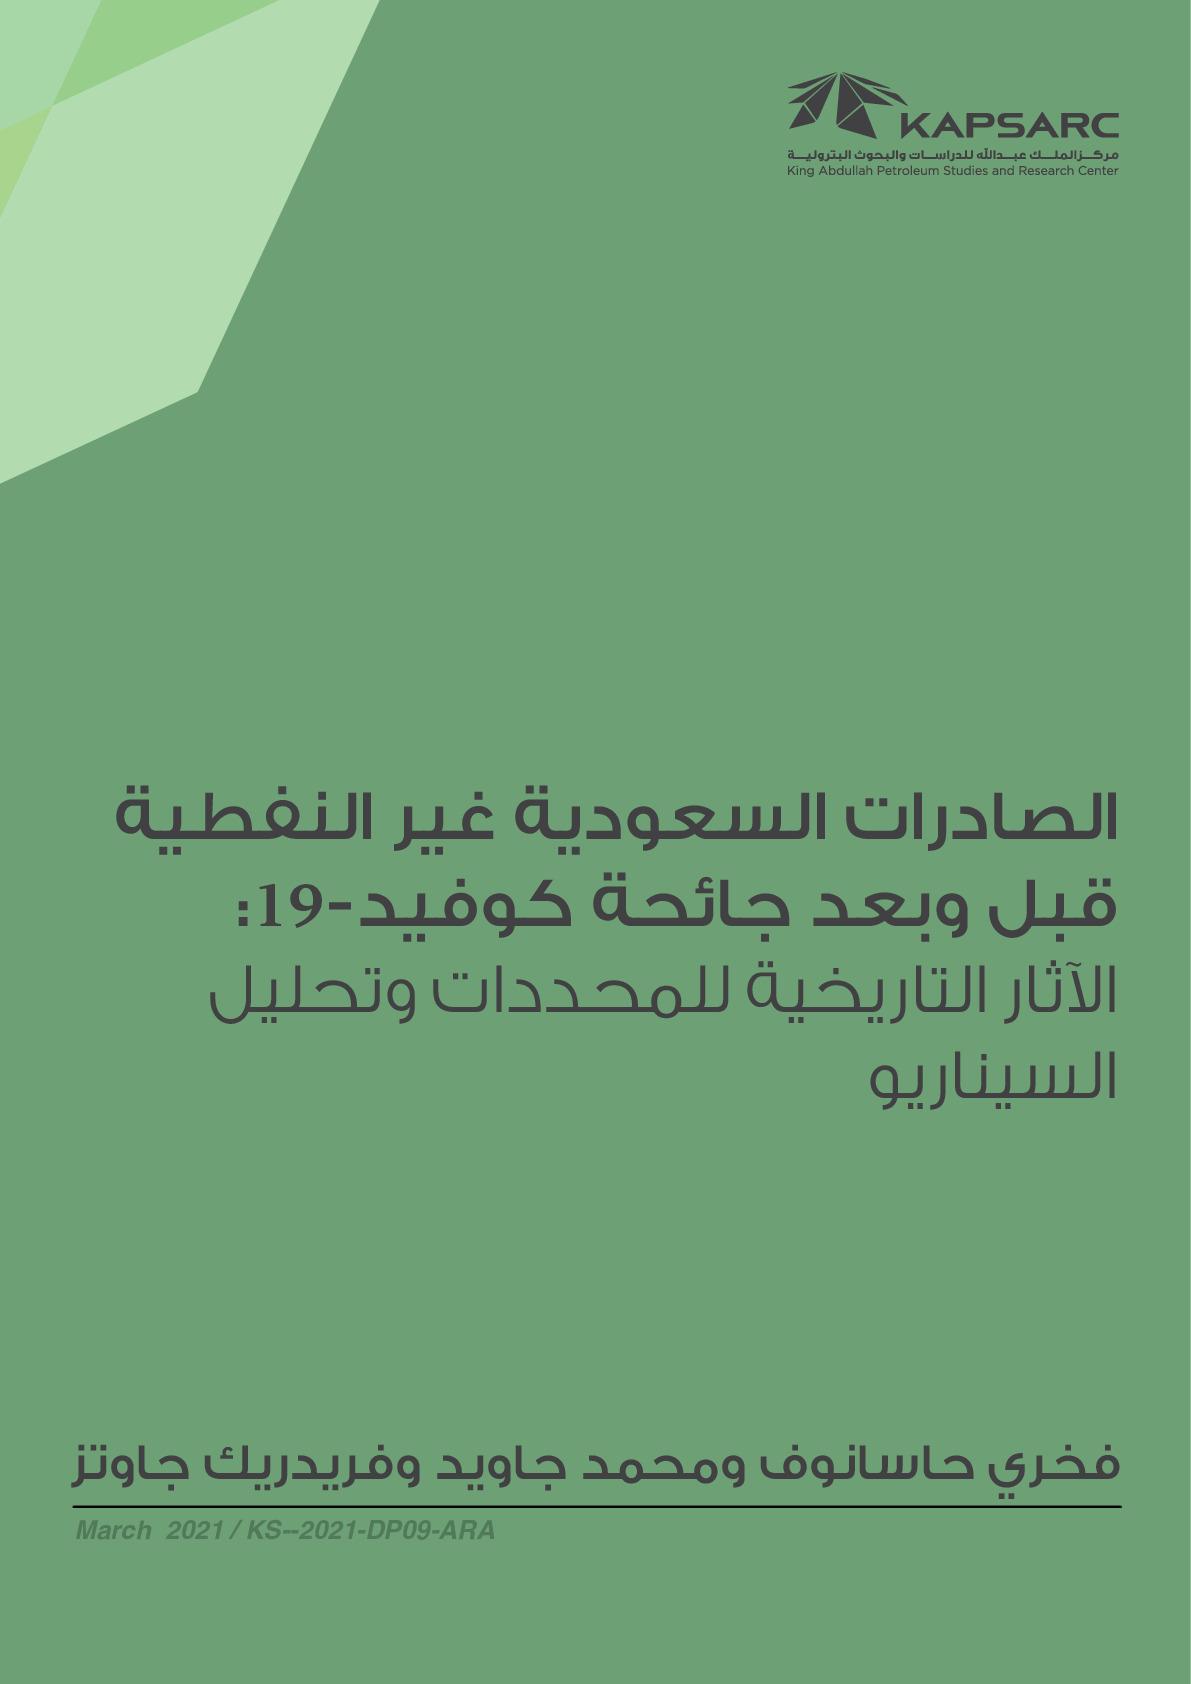 الصادرات السعودية غير النفطية قبل وبعد جائحة كوفيد-19: الآثار التاريخية للمحددات وتحليل السيناريو